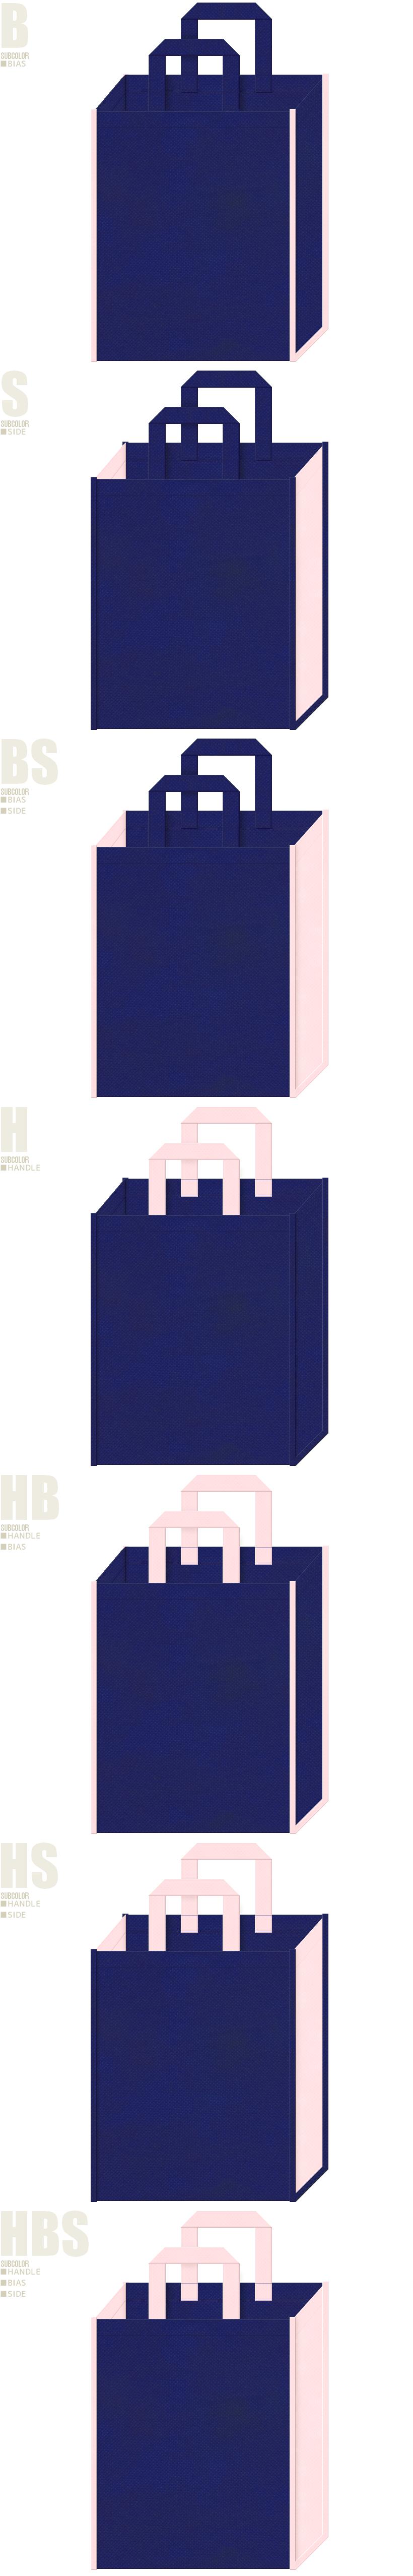 夏浴衣・学校・学園・オープンキャンパス・学習塾・レッスンバッグにお奨めの不織布バッグデザイン:明るい紺と桜色の配色7パターン